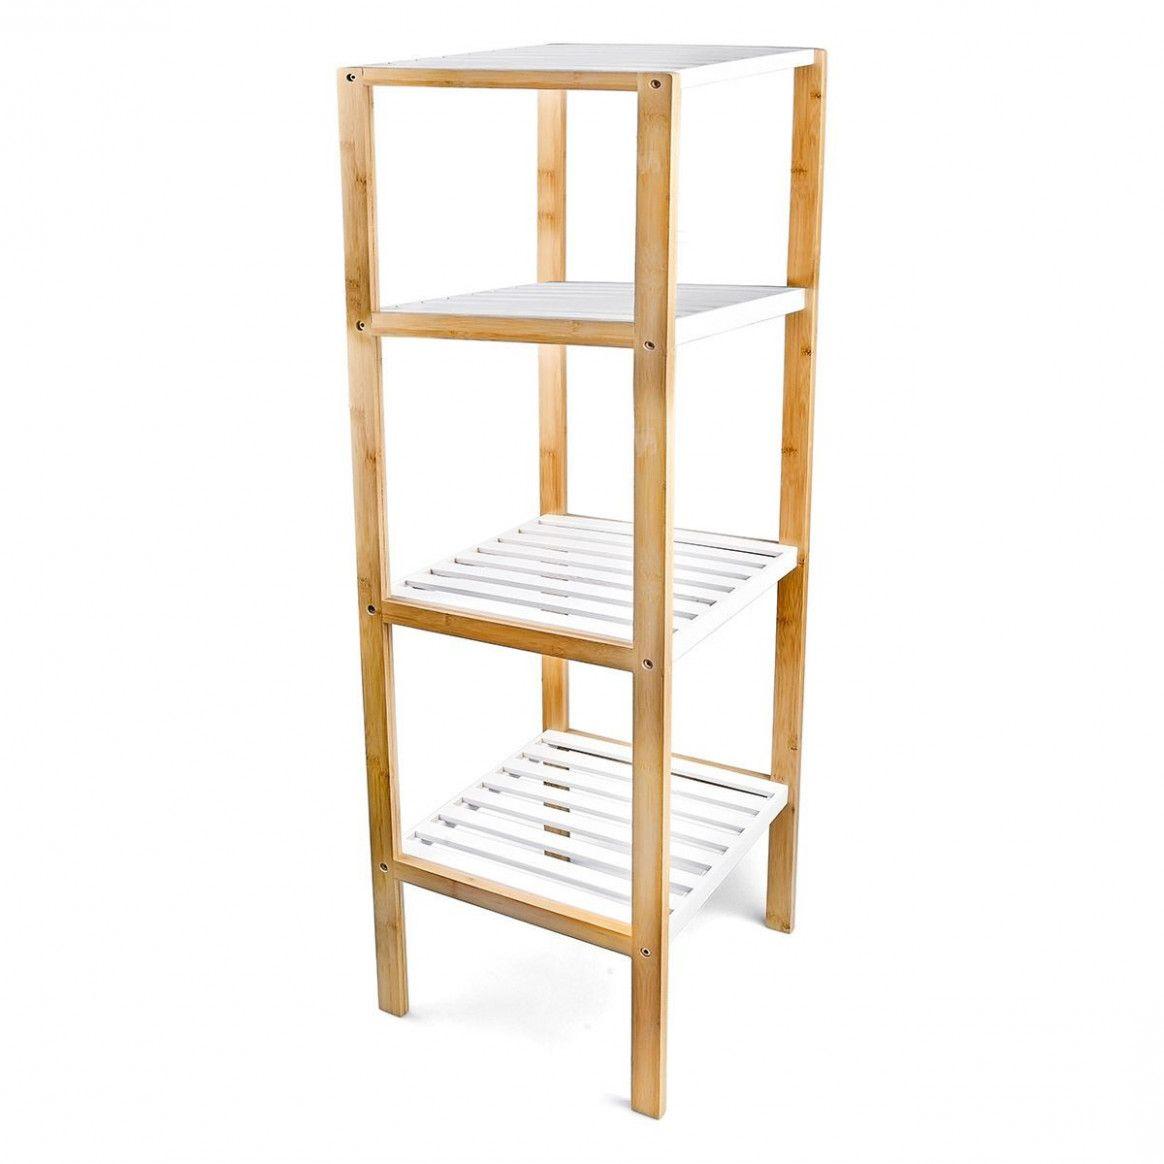 Was Ich Jedem Wunsche Wusste Uber Ikea Badezimmer Regal Bambus Badezimmer Ideen Shelves Bathroom Shelves Home